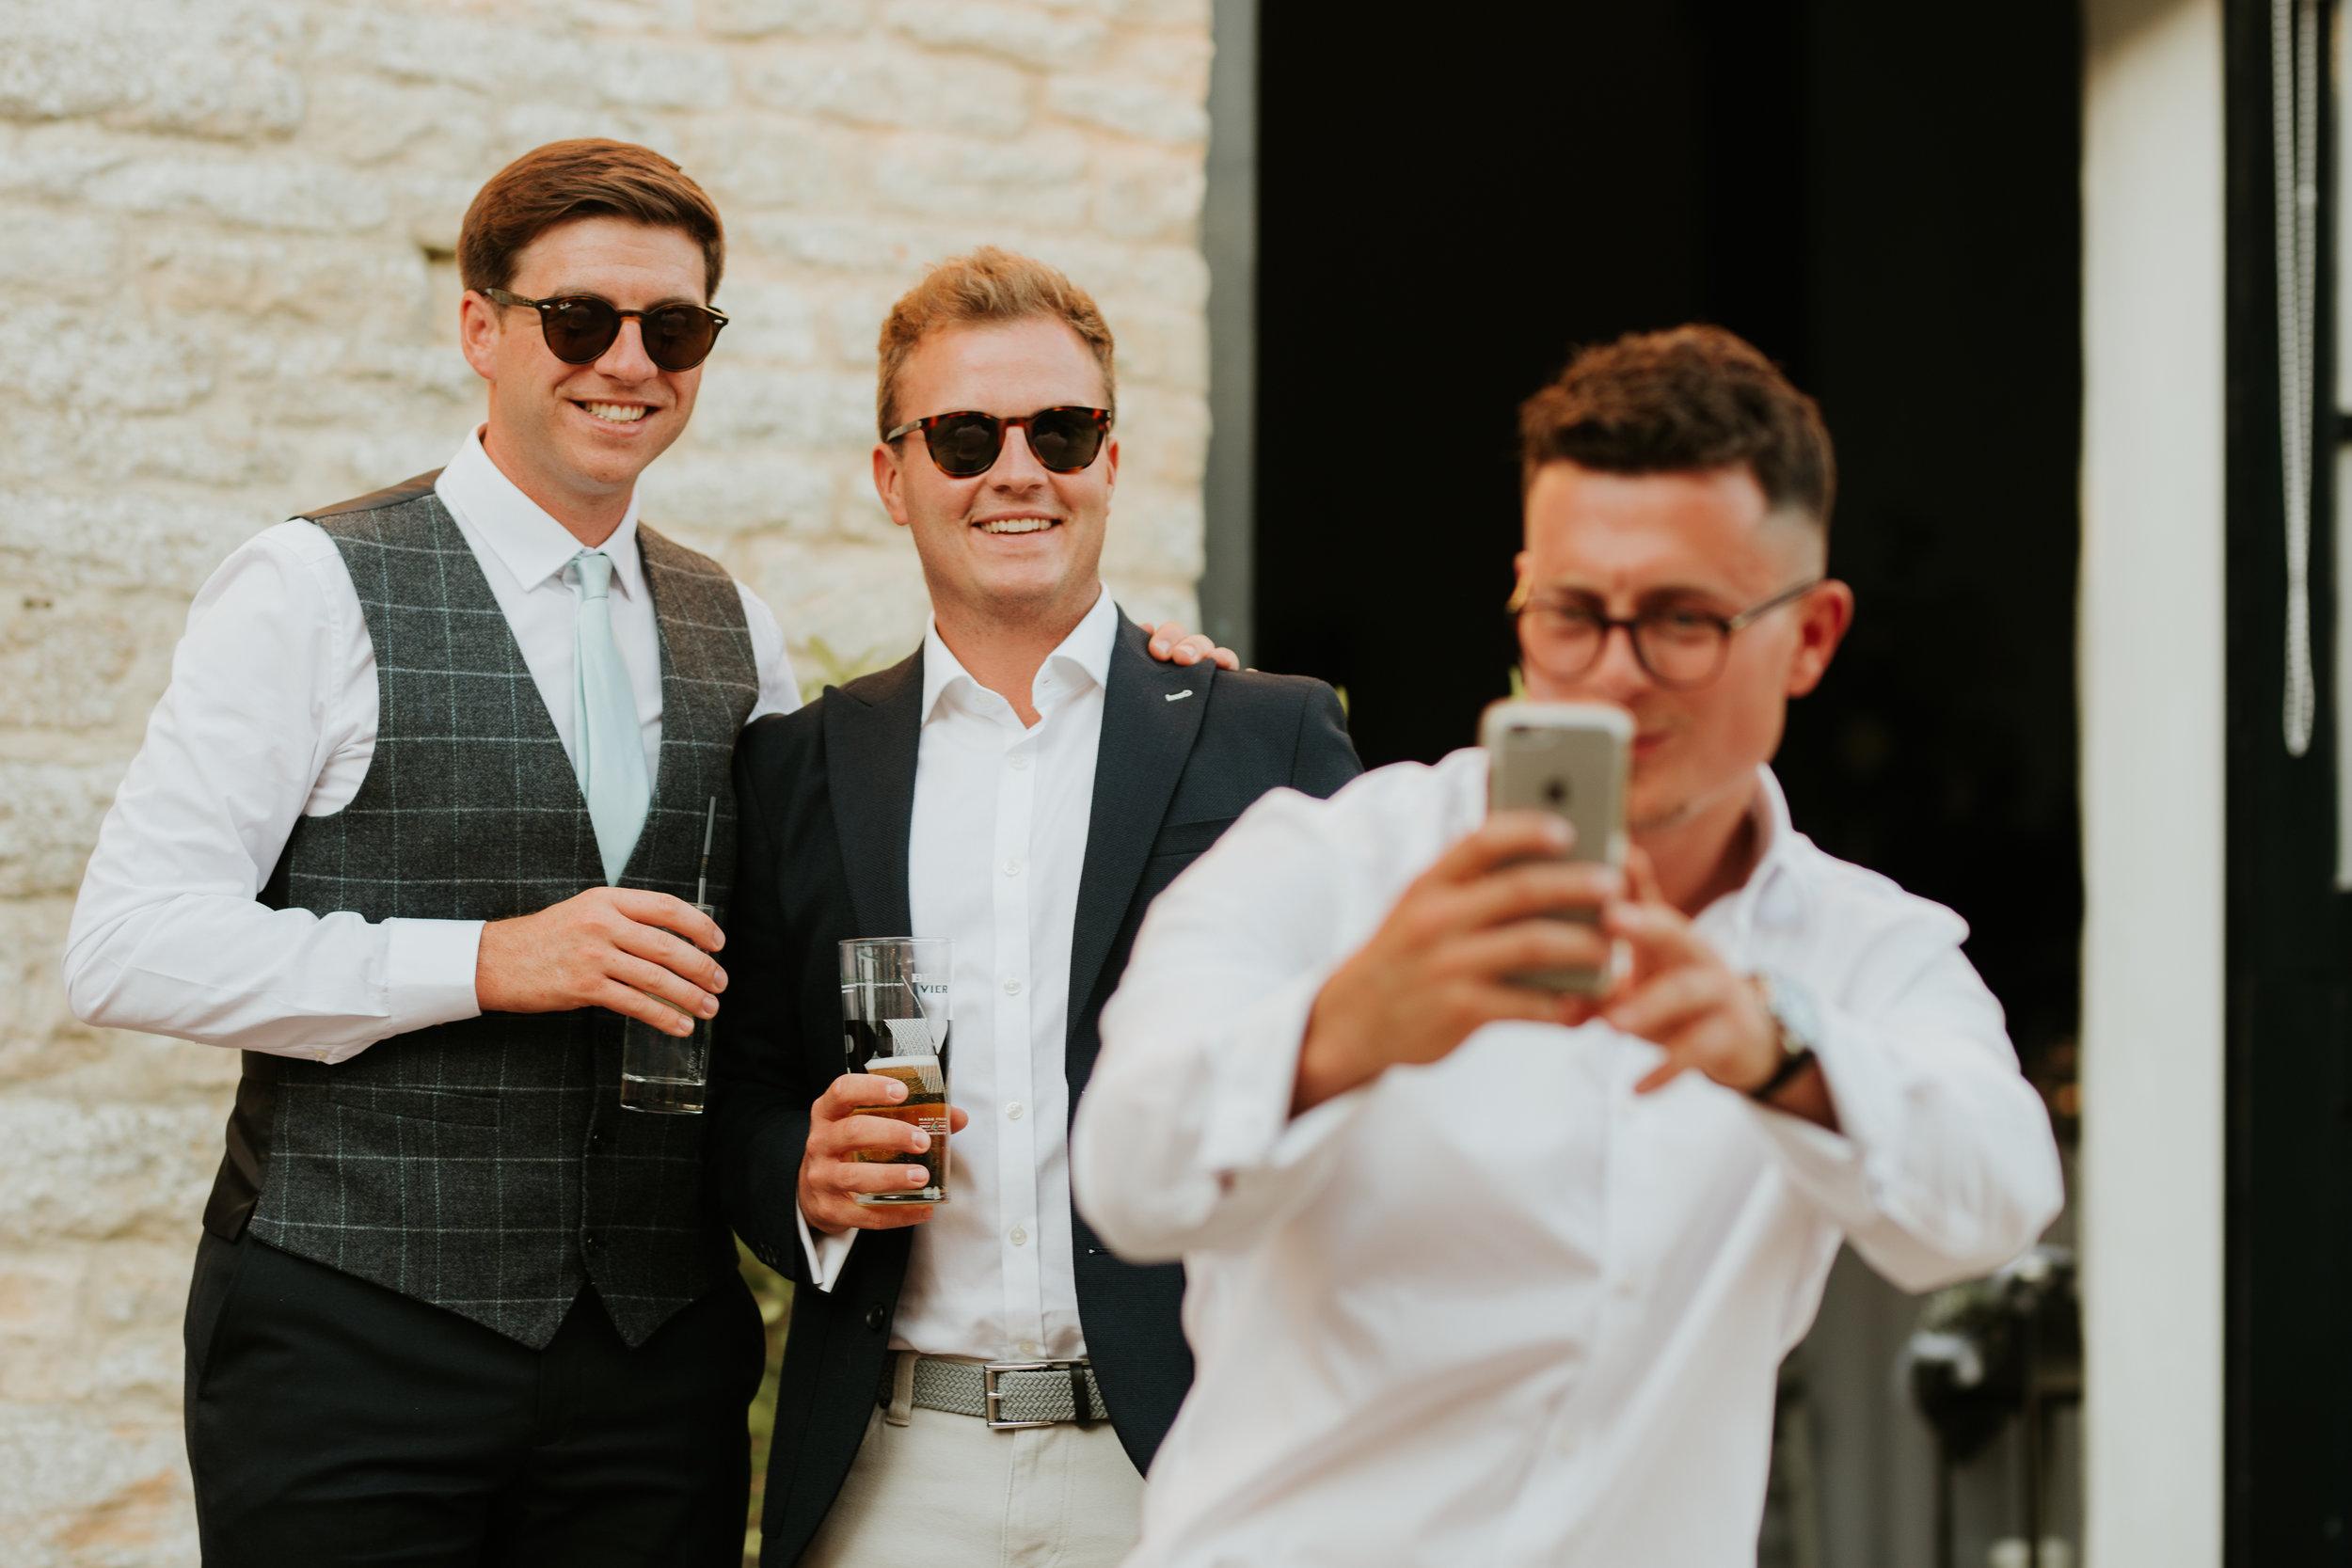 Merriscourt wedding Oxfordshire